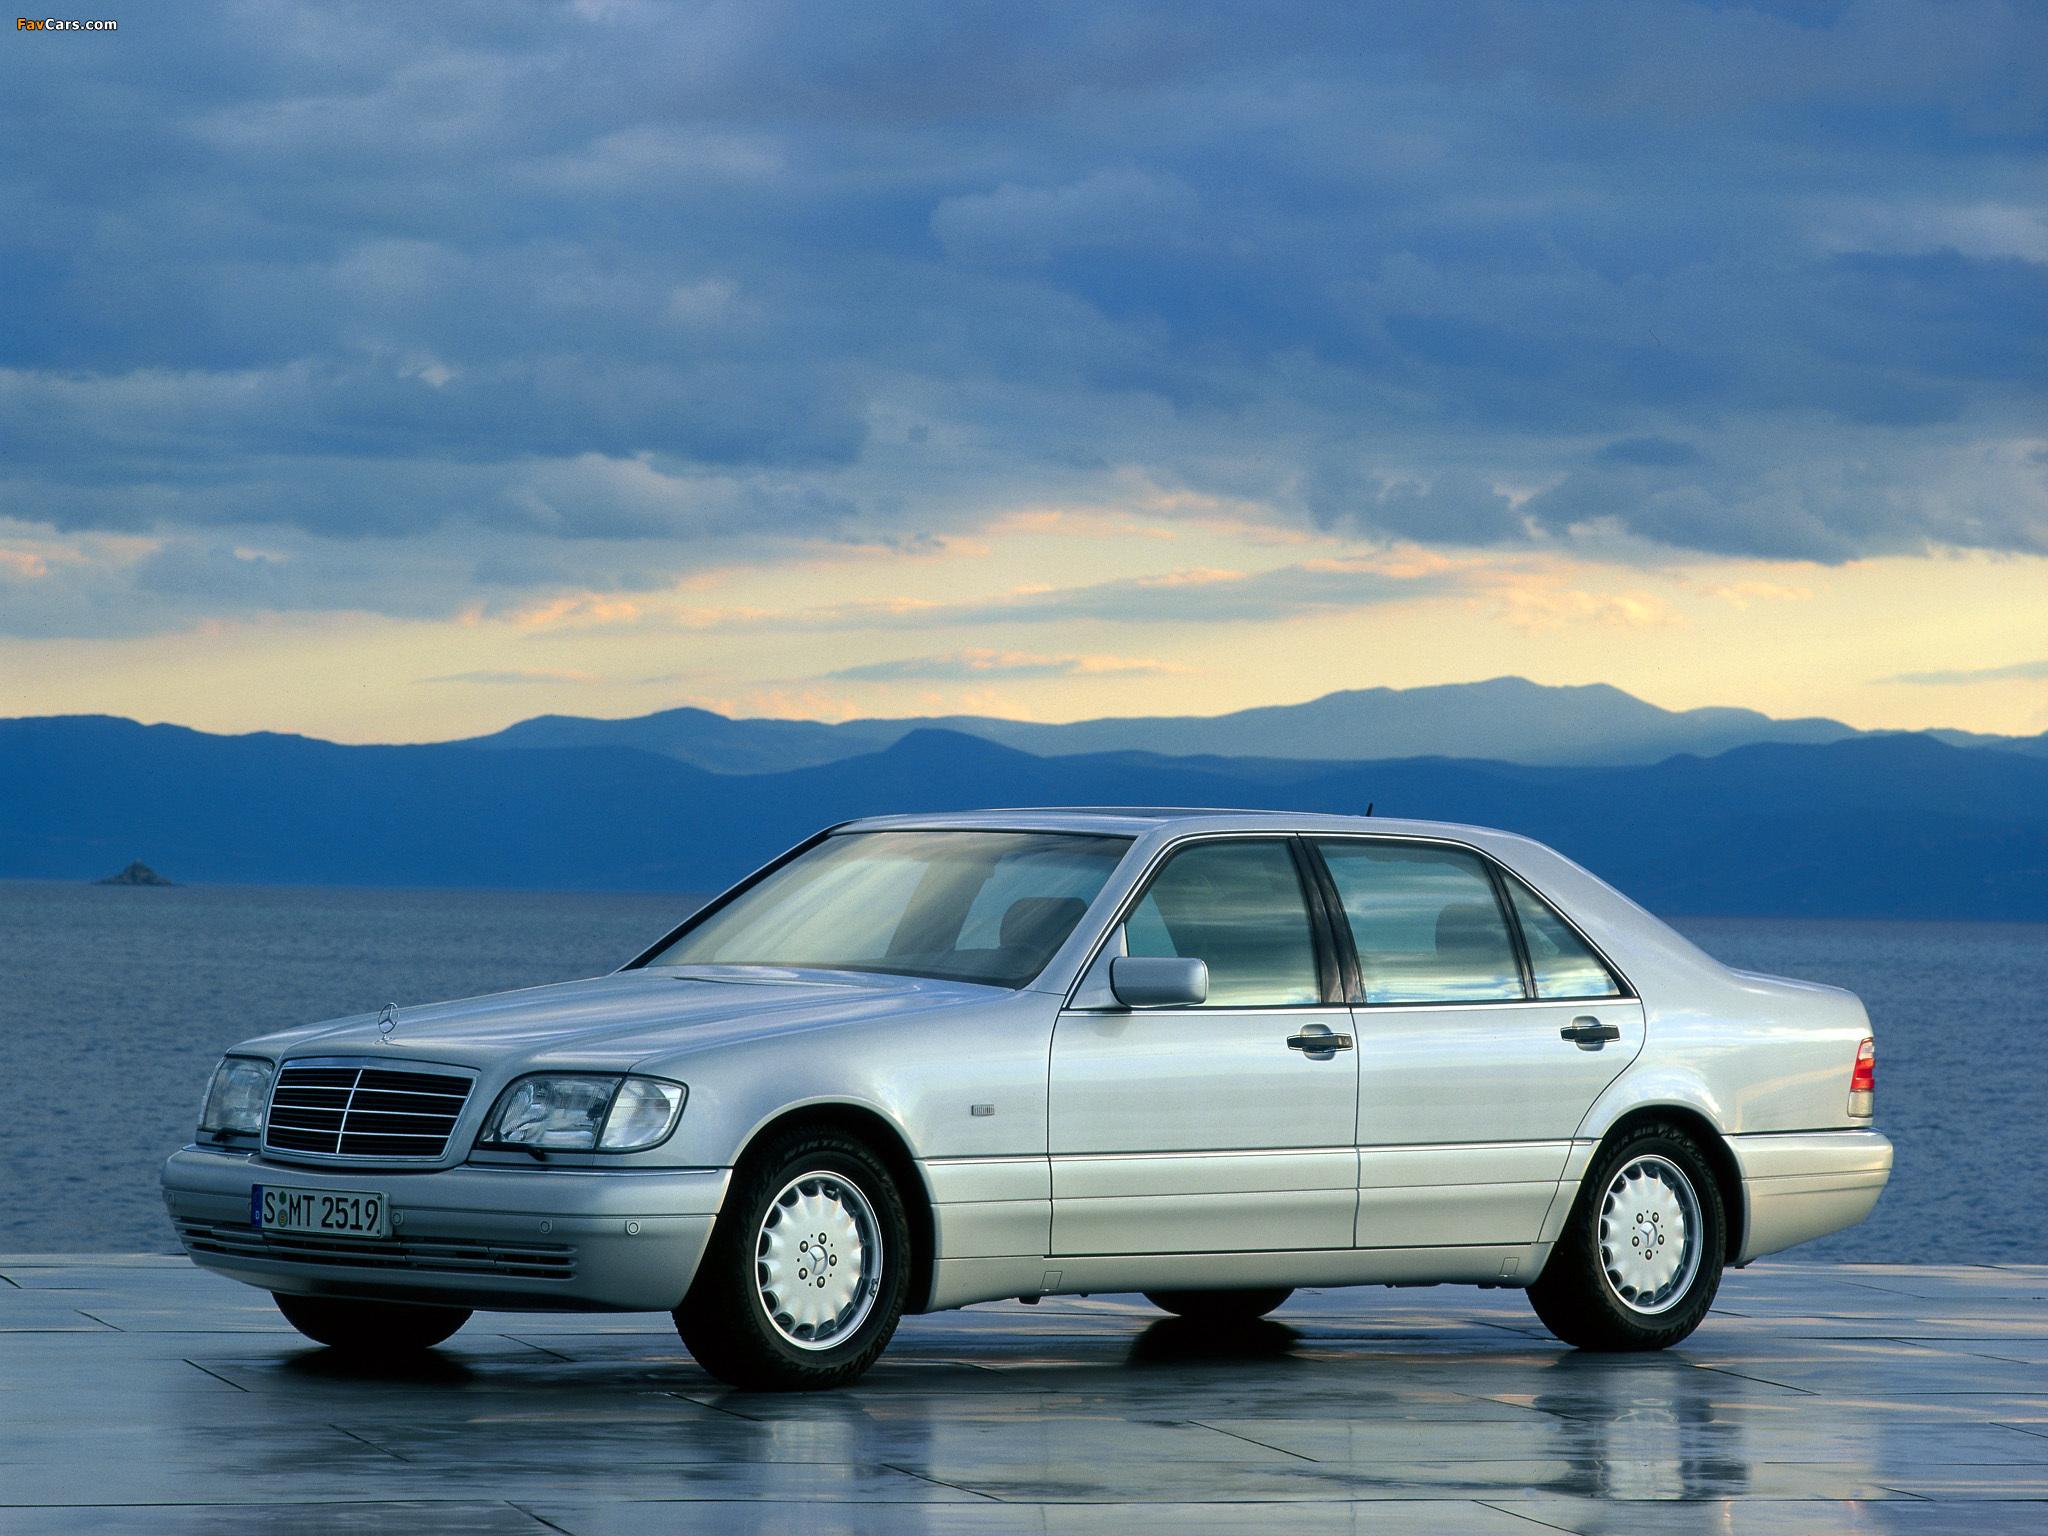 Mercedes Benz S Klasse W140 1991 98 Pictures 2048x1536